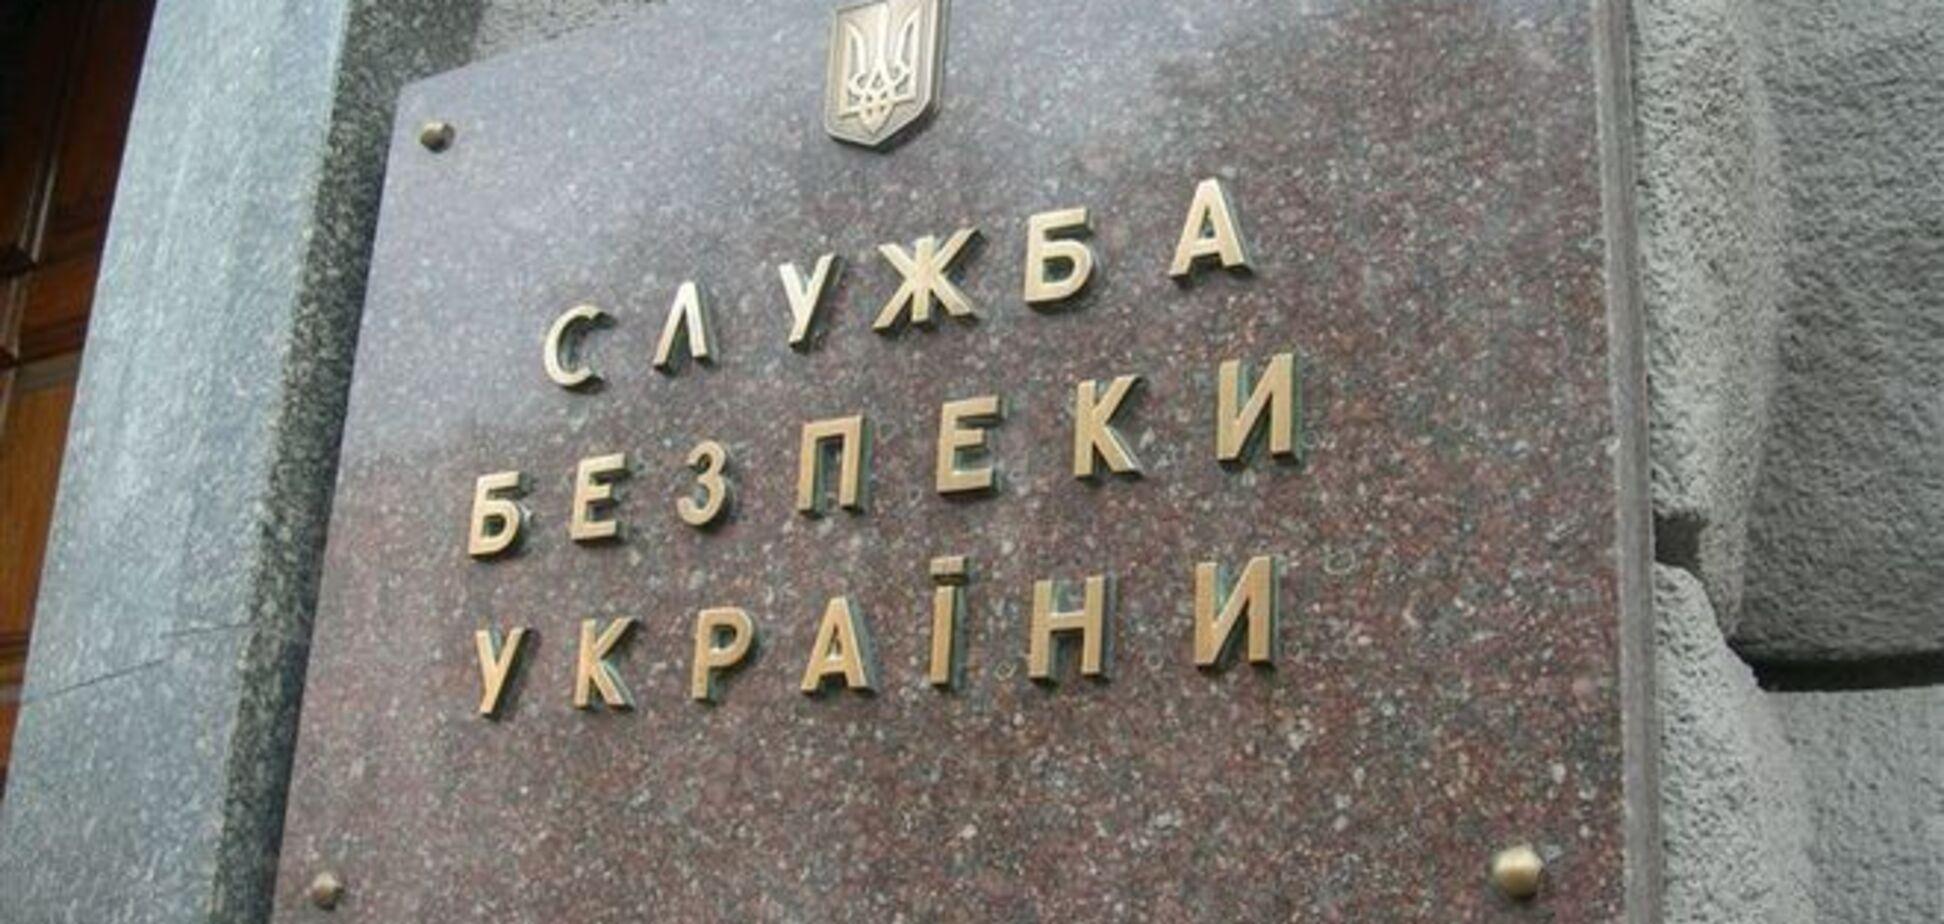 СБУ заподозрила экс-начальника милиции Ривненщины в государственной измене